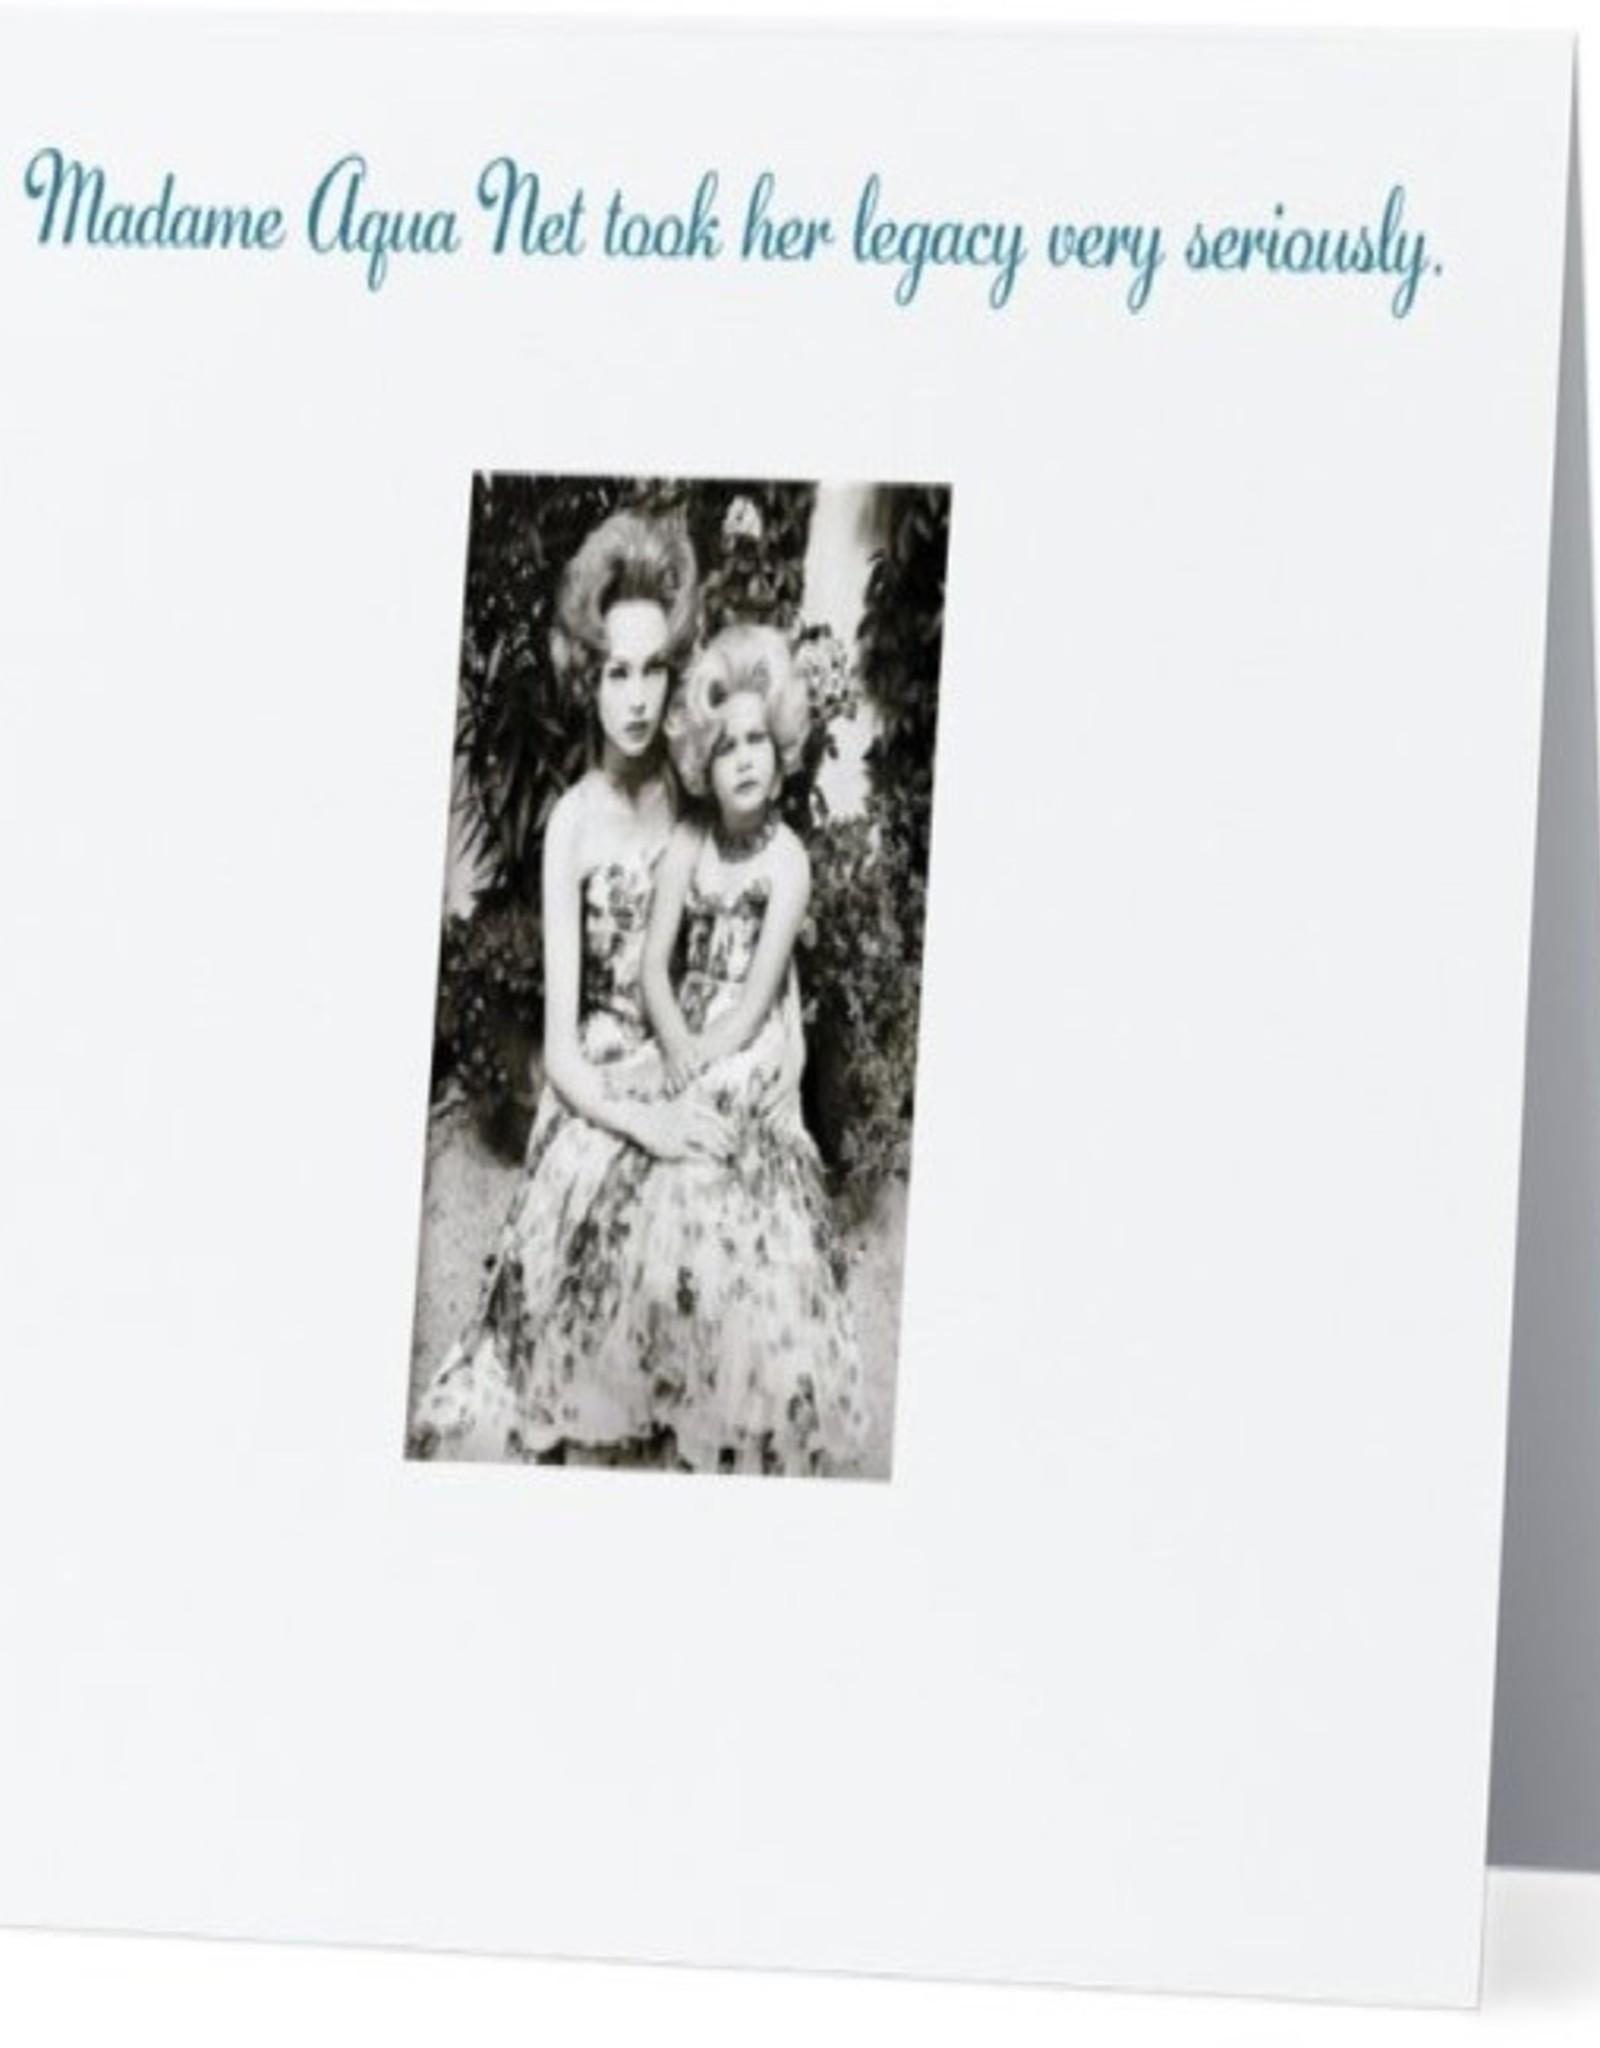 Card #070 - Madam Aqua Net